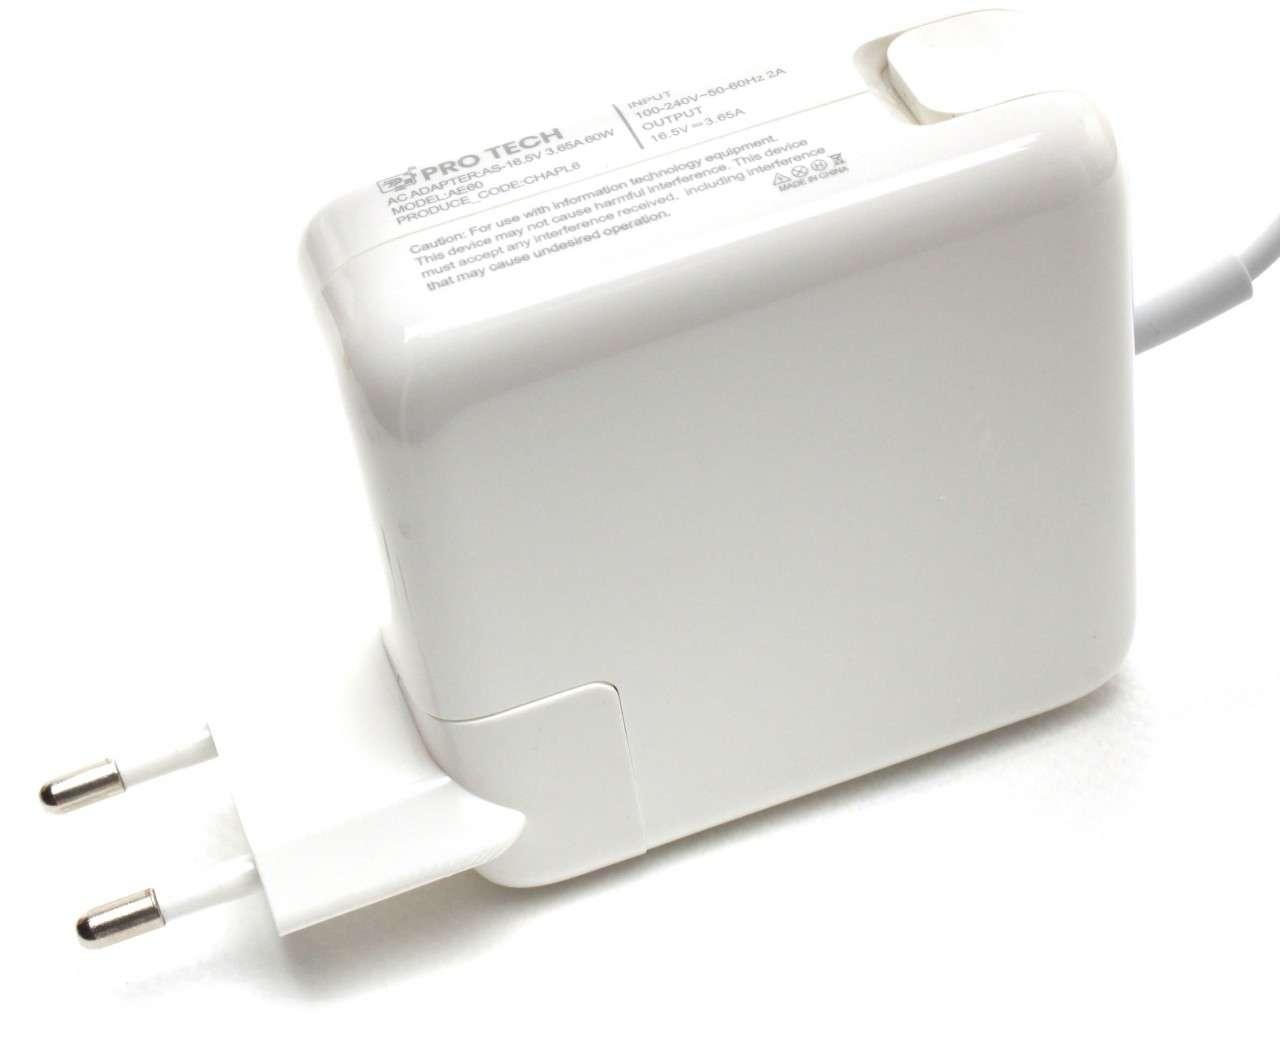 Incarcator Apple MacBook 13.3 inch Santa Rosa Late 2007 Replacement imagine